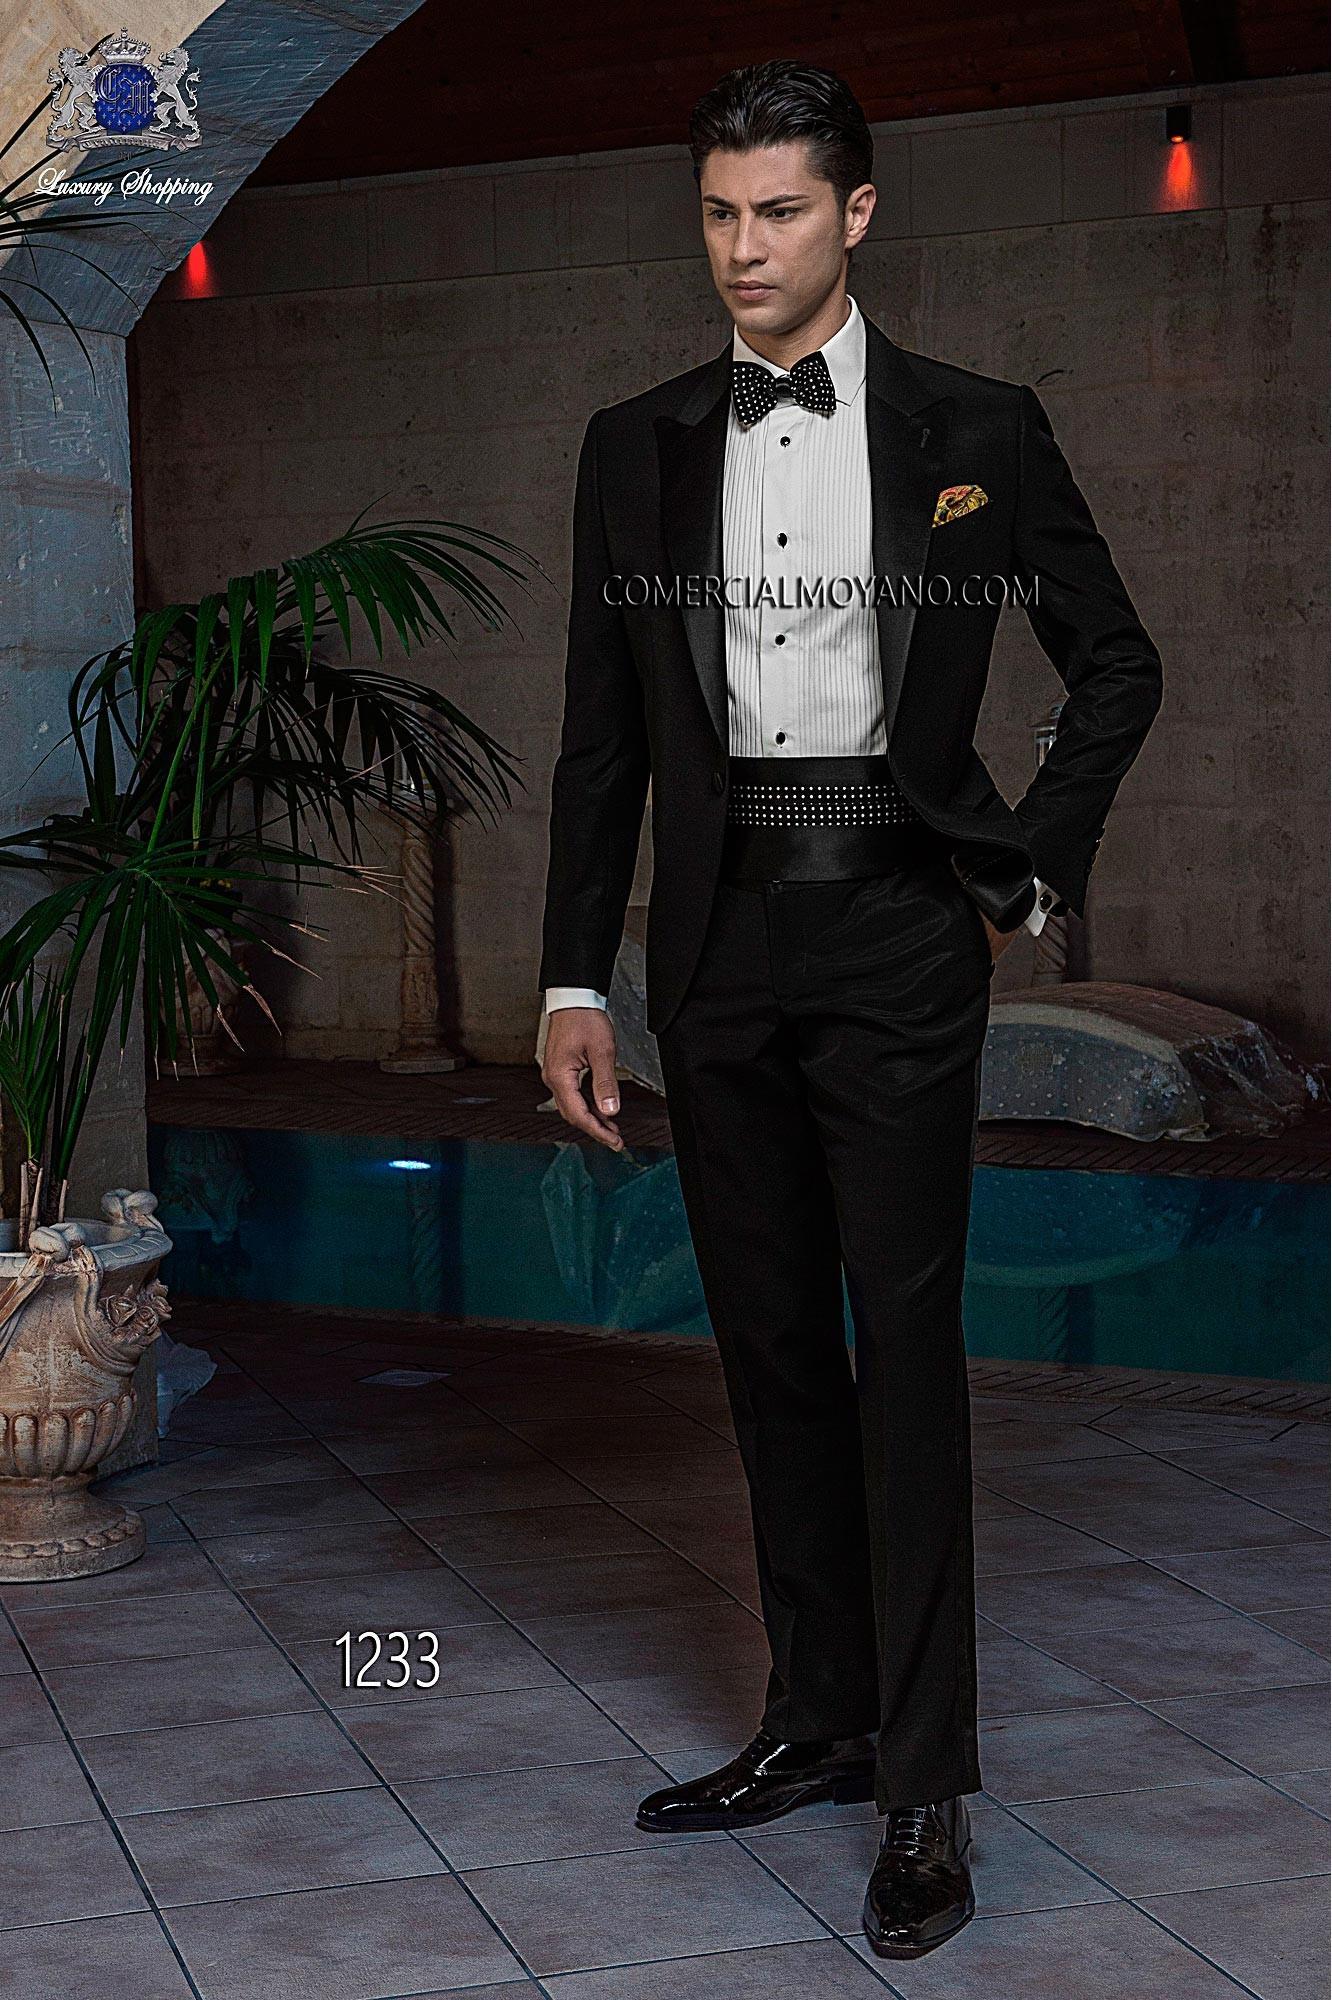 Traje de novio esmoquin italiano a medida negro en tejido new performance y solapa de raso negro, modelo 1233 Ottavio Nuccio Gala colección Black Tie 2015.